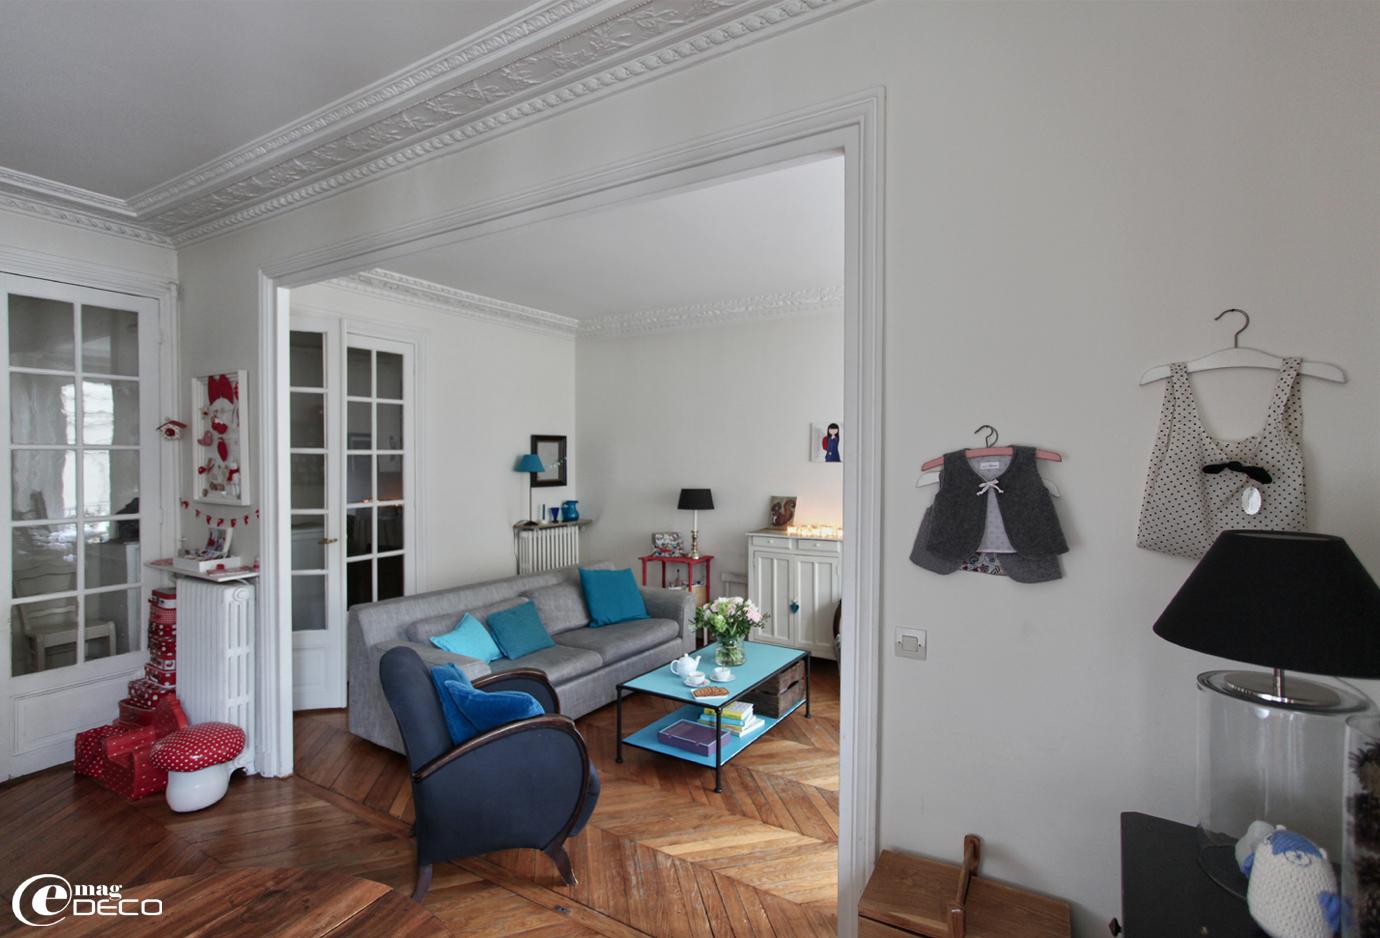 decoration petit salon parisien. Black Bedroom Furniture Sets. Home Design Ideas